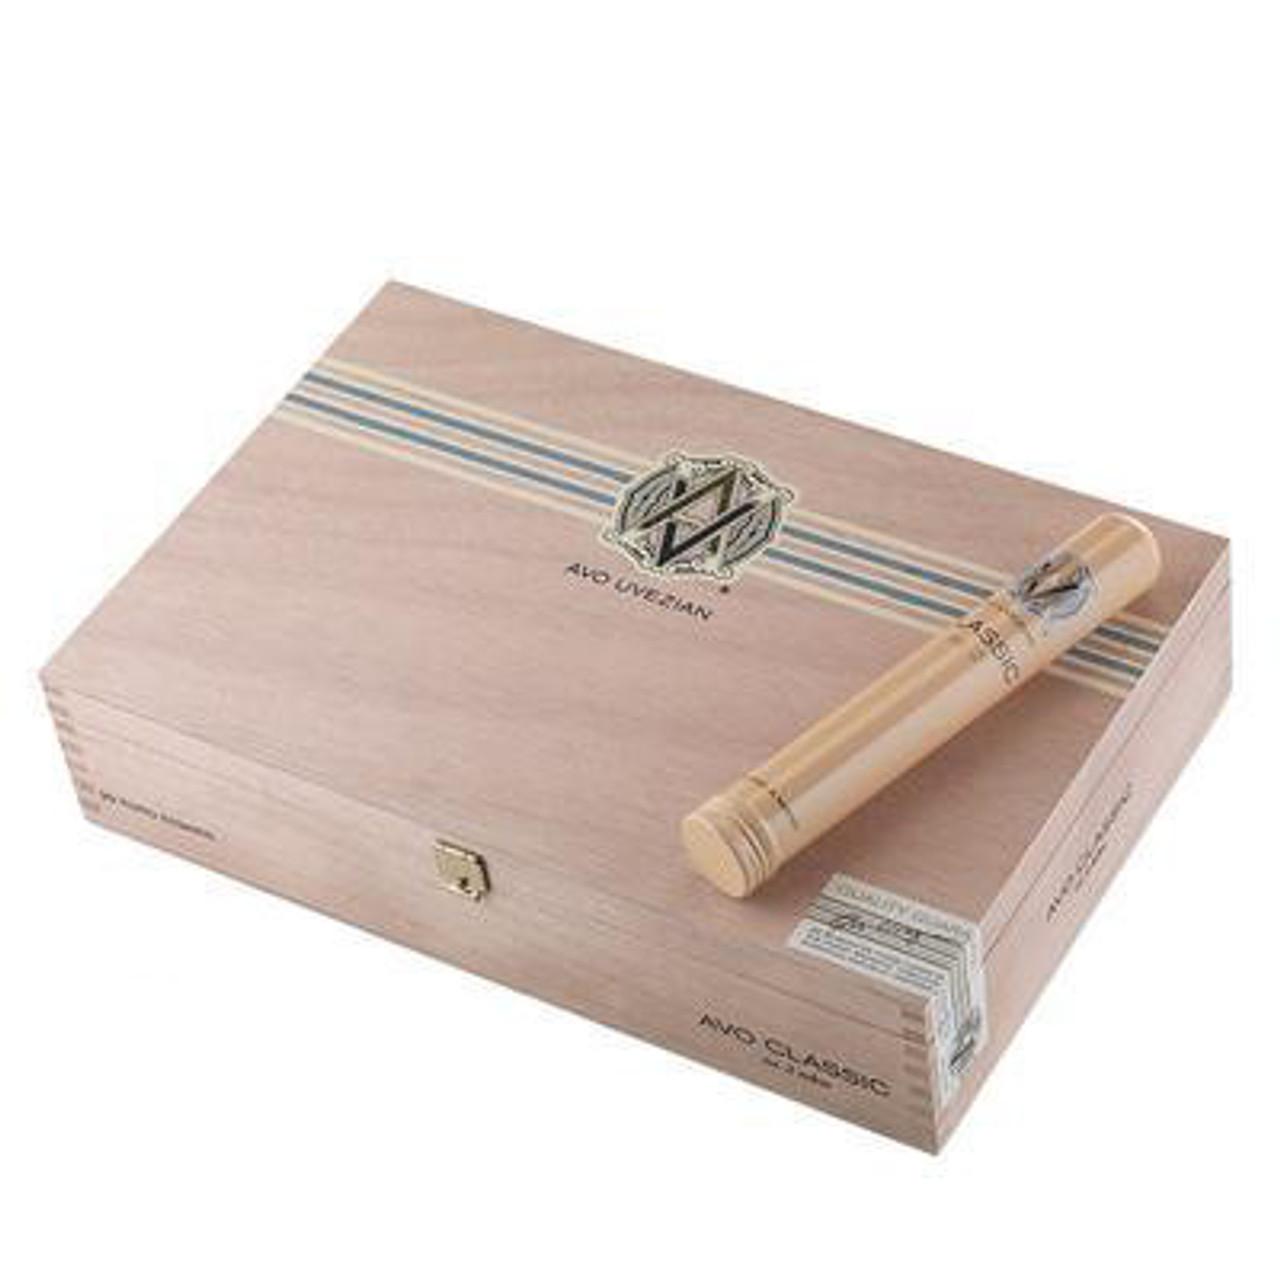 AVO Classic No. 2 Tubos Cigars - 6 X 50 (Box of 20)